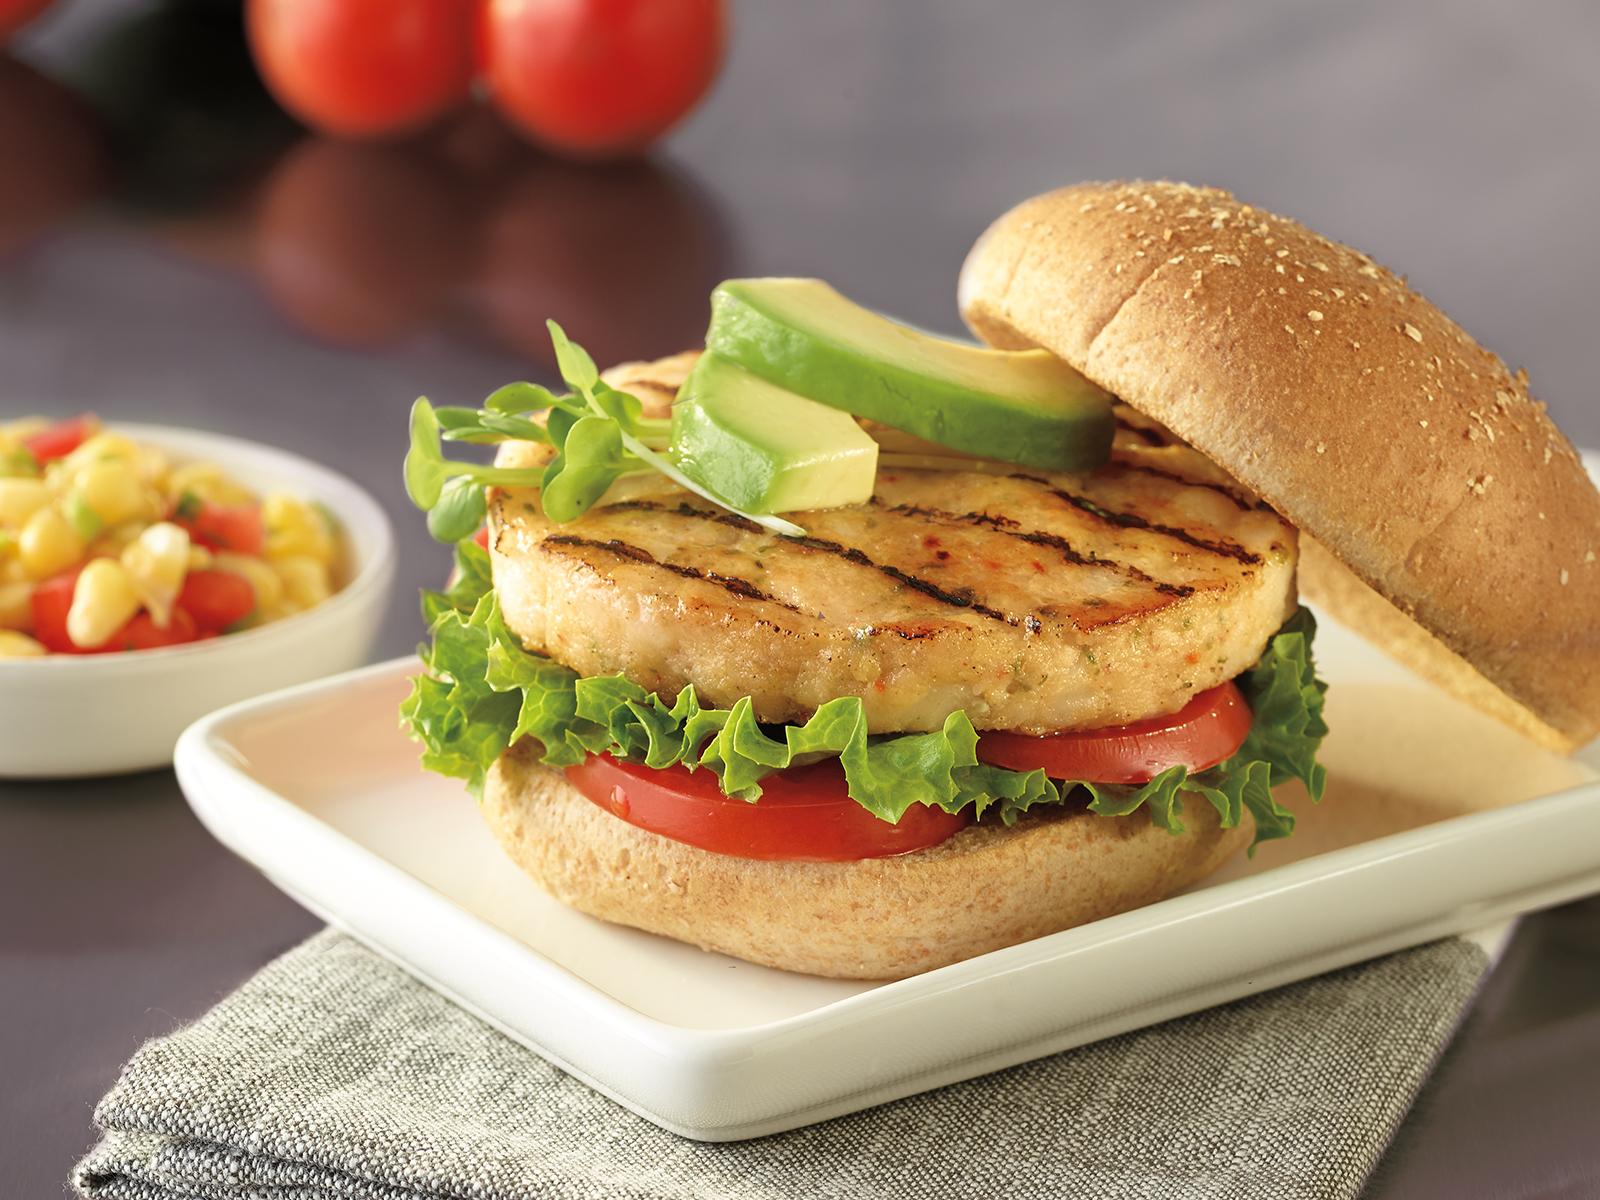 Wild Alaska Pollock Burger 4 oz IQF 421800